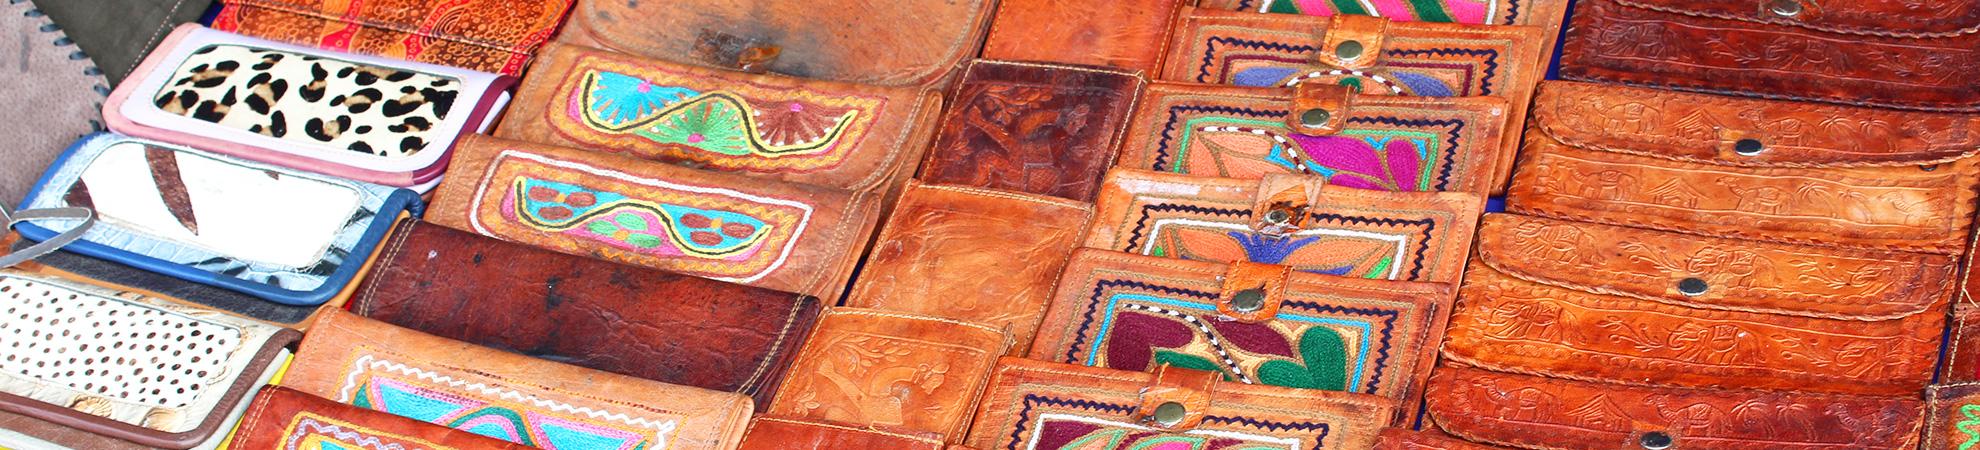 Tradition et Artisanat en Inde